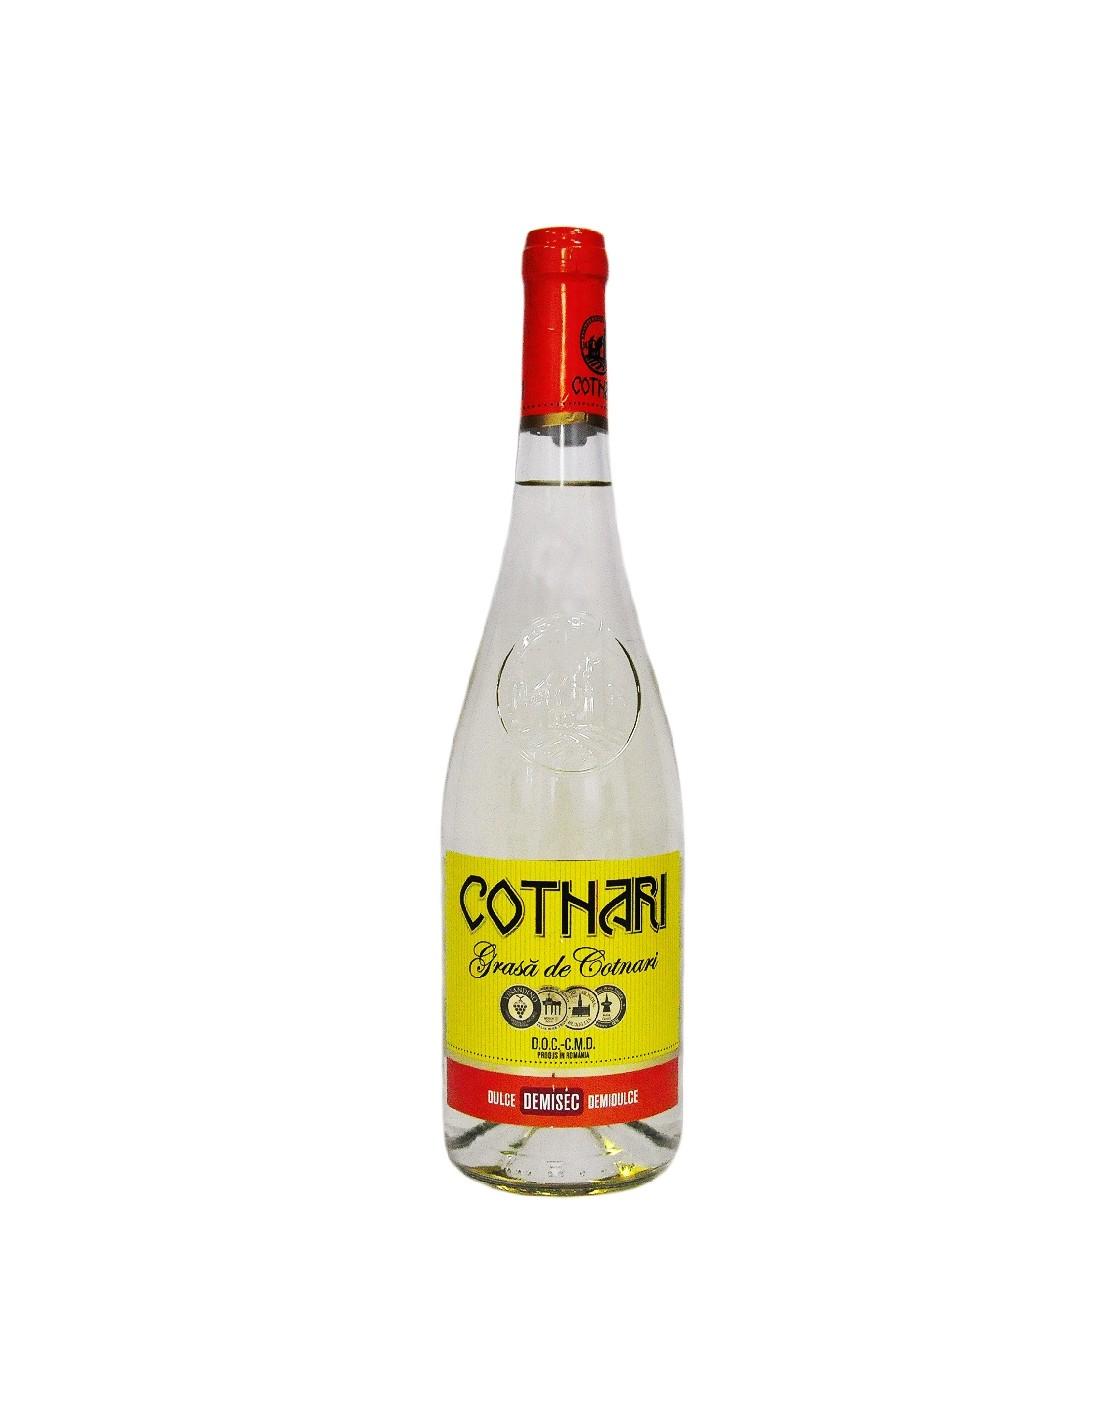 Vin alb demisec Grasa de Cotnari, 13% alc., 0.75L, Romania